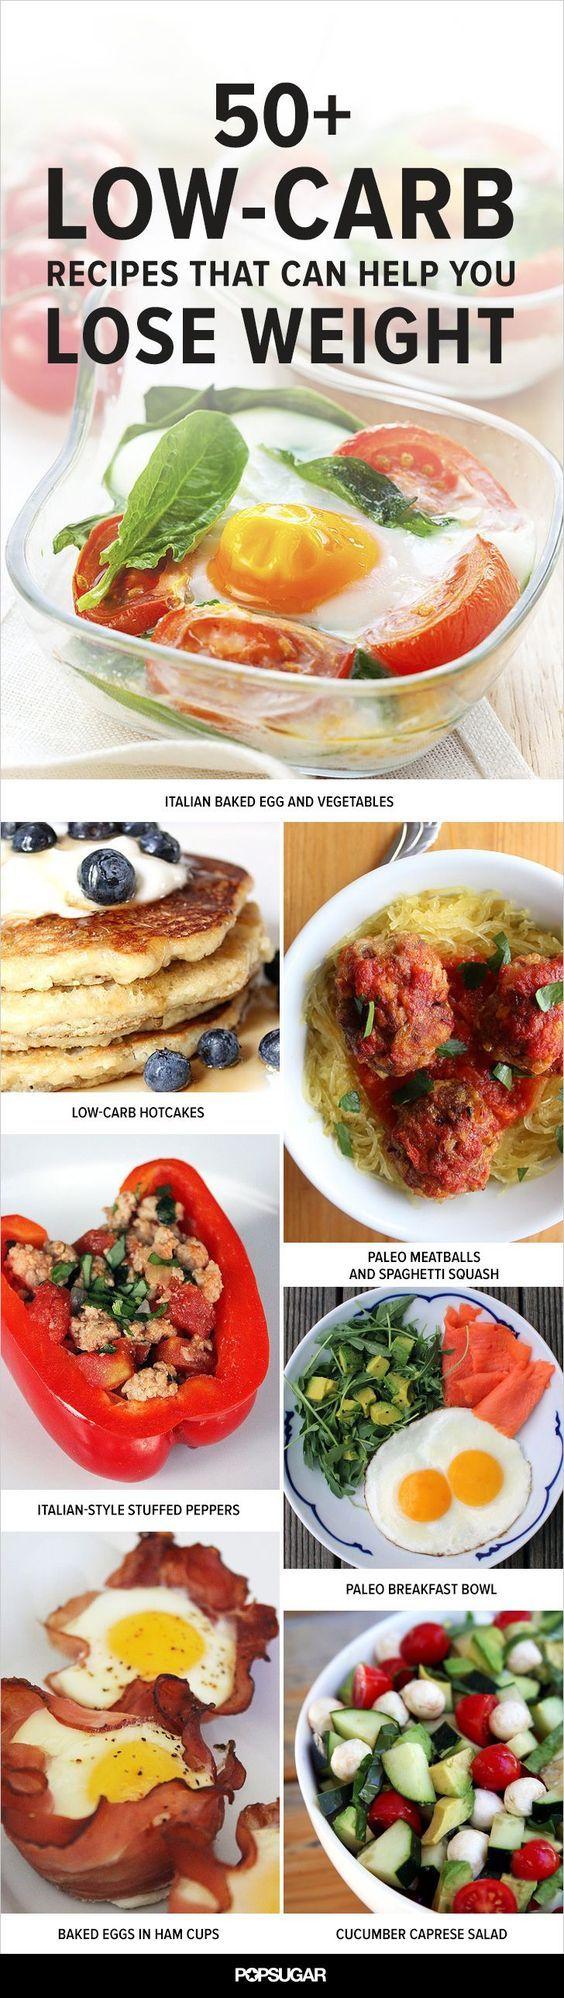 Pocas calorias